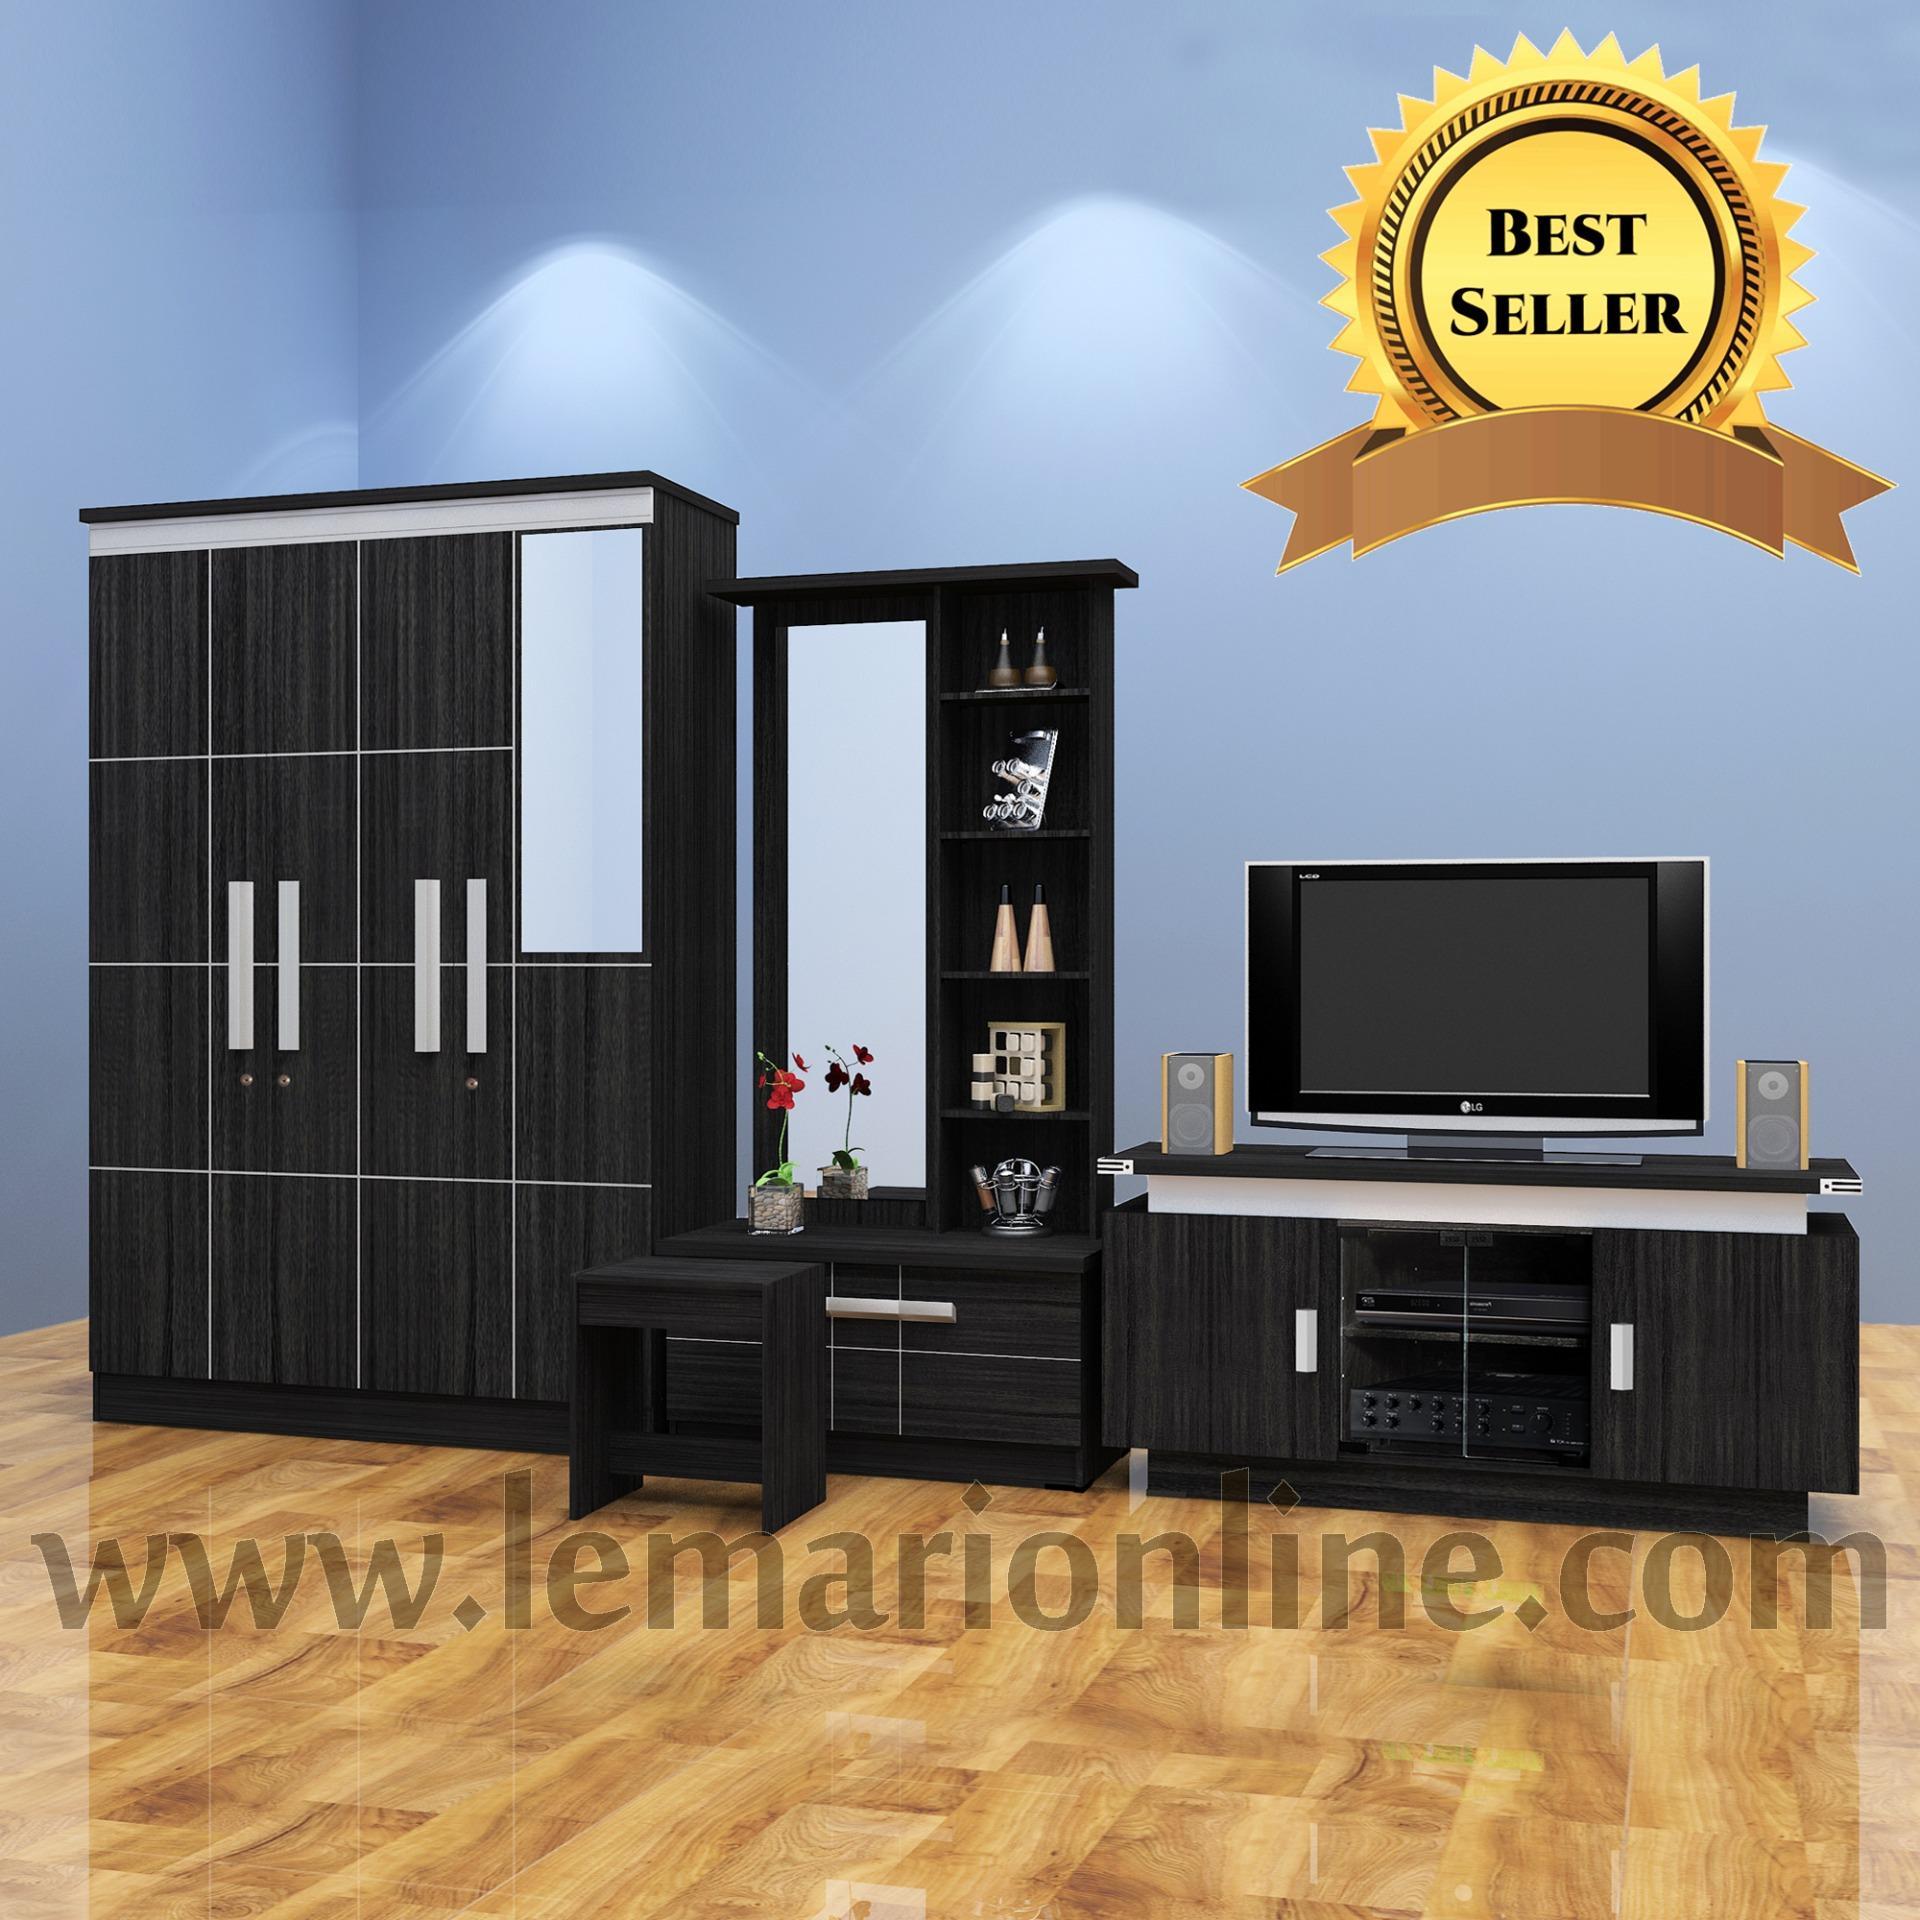 Lemari Pakaian, Meja Rias, & Meja Tv (paket Hemat) By Furniture Minimalis.